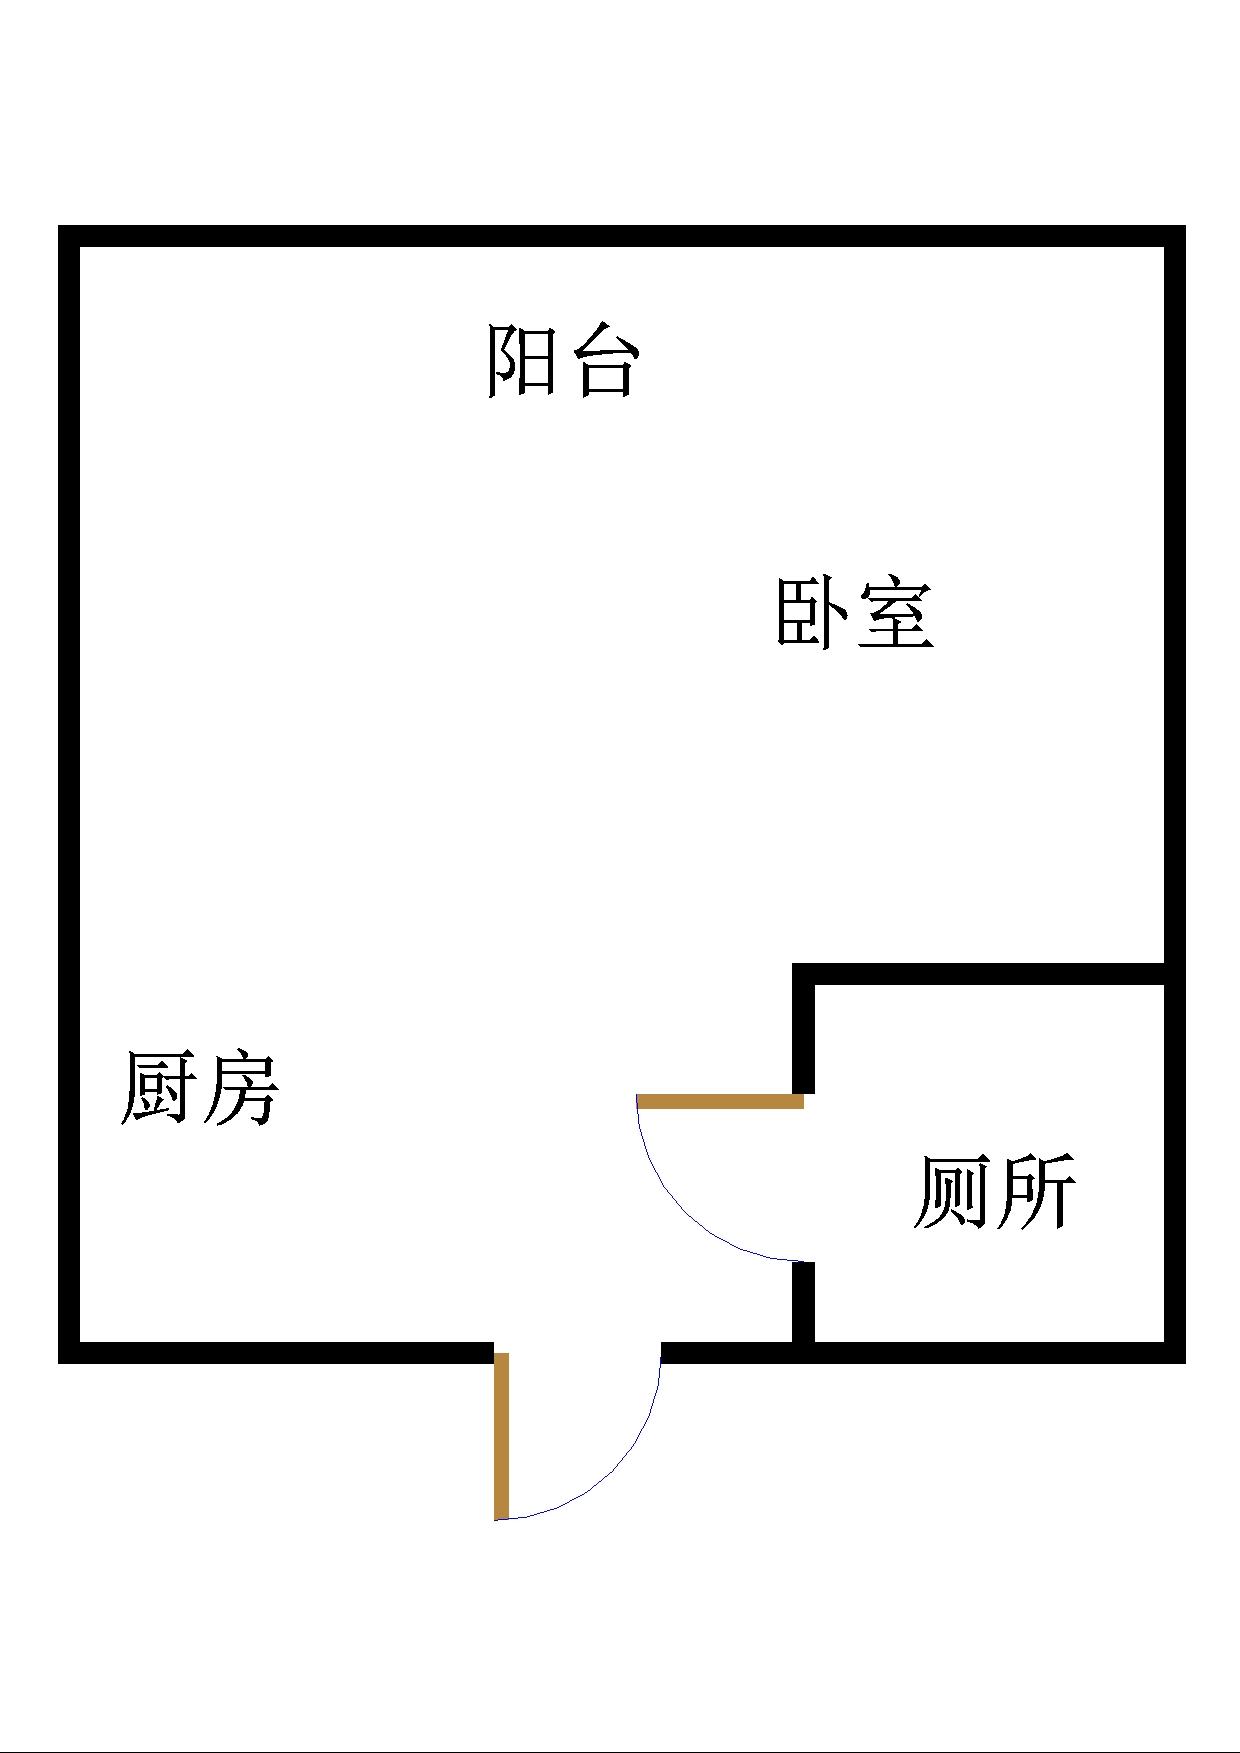 万达广场 1室1厅 22楼